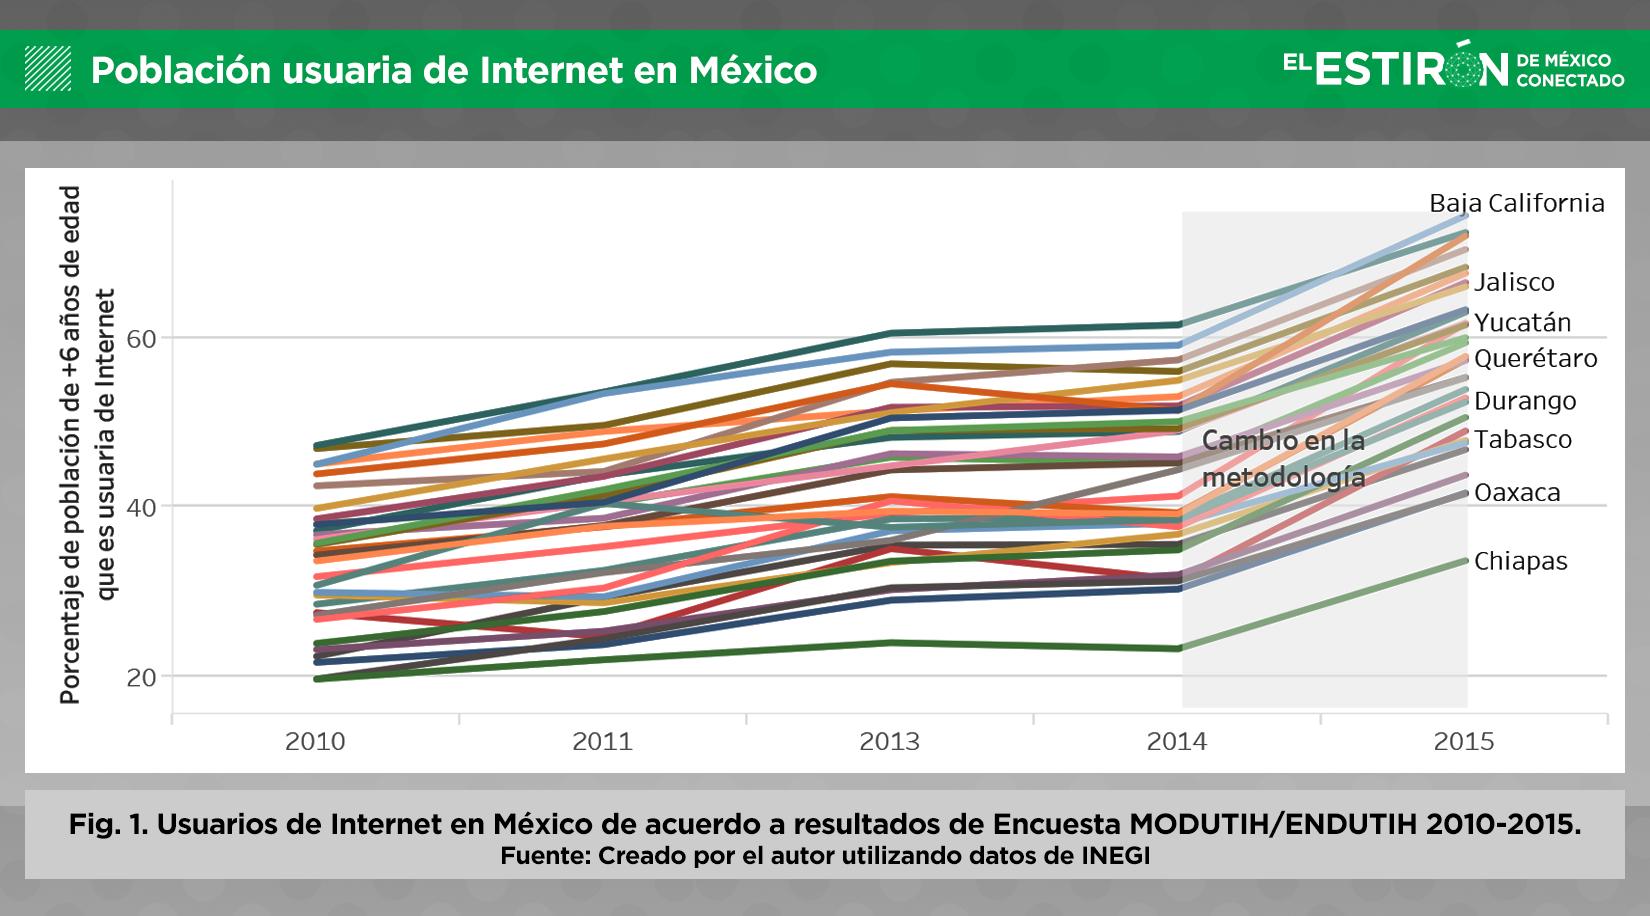 Población usuaria de Internet en México